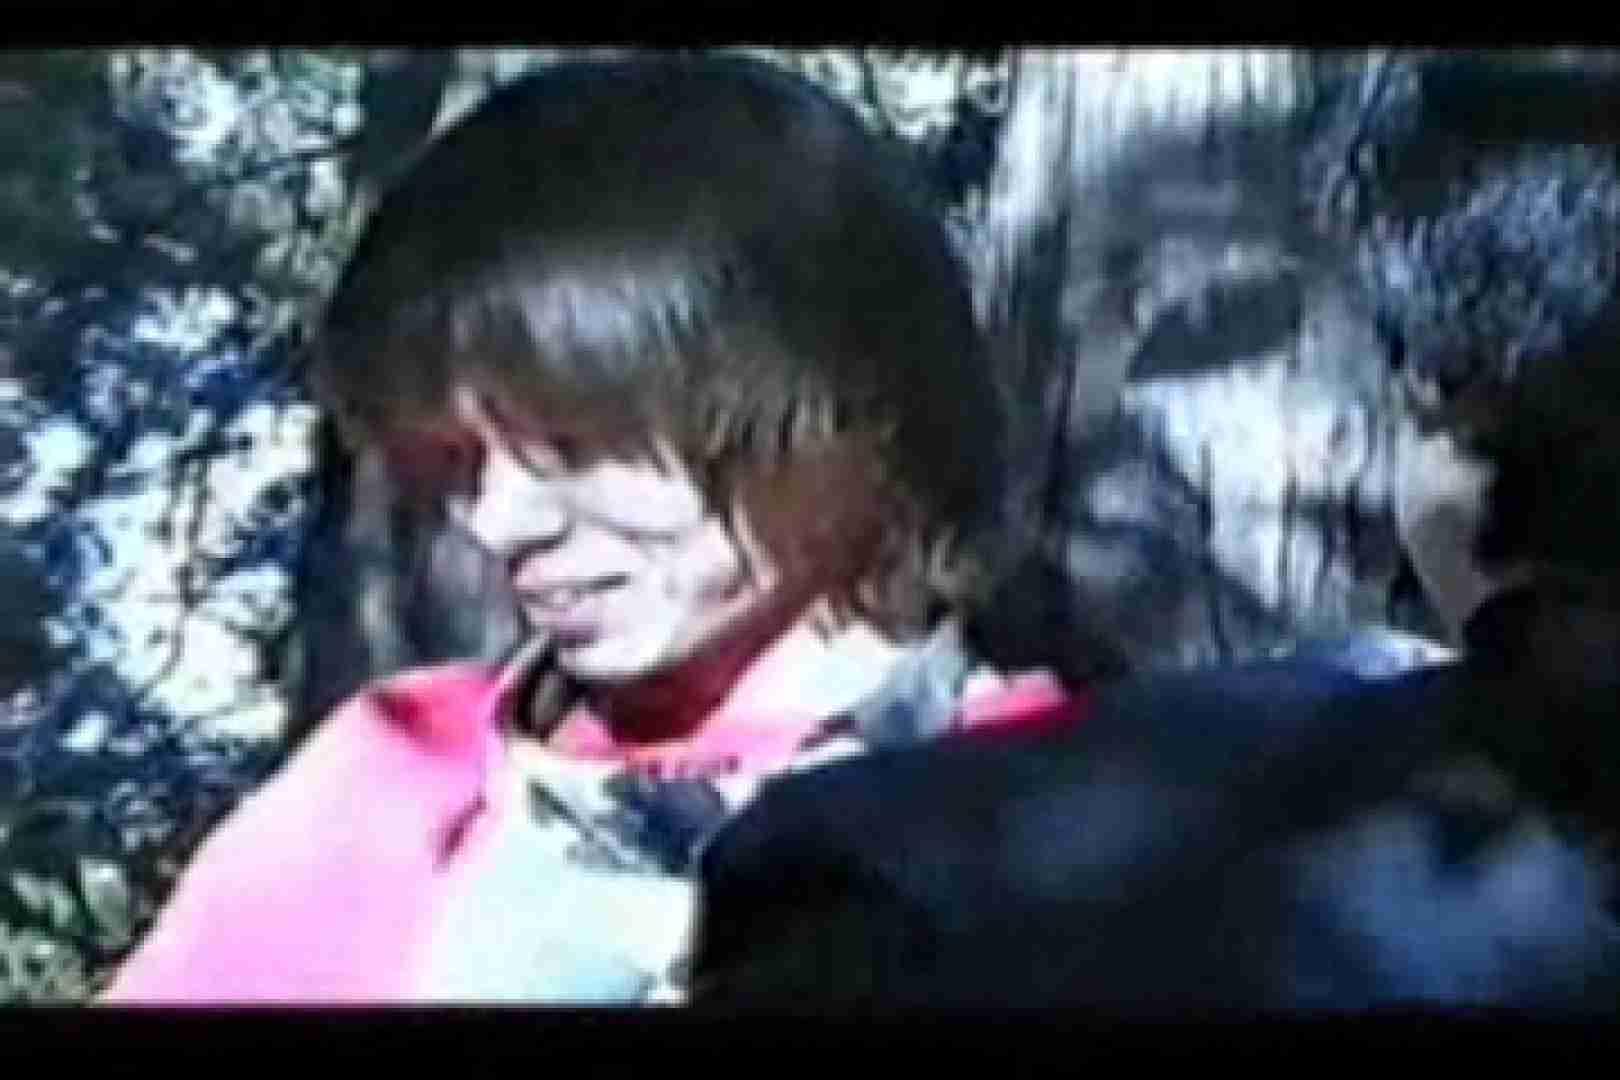 オールドゲイシリーズ  美少年ひかるのオープンファック イケメン  106pic 65